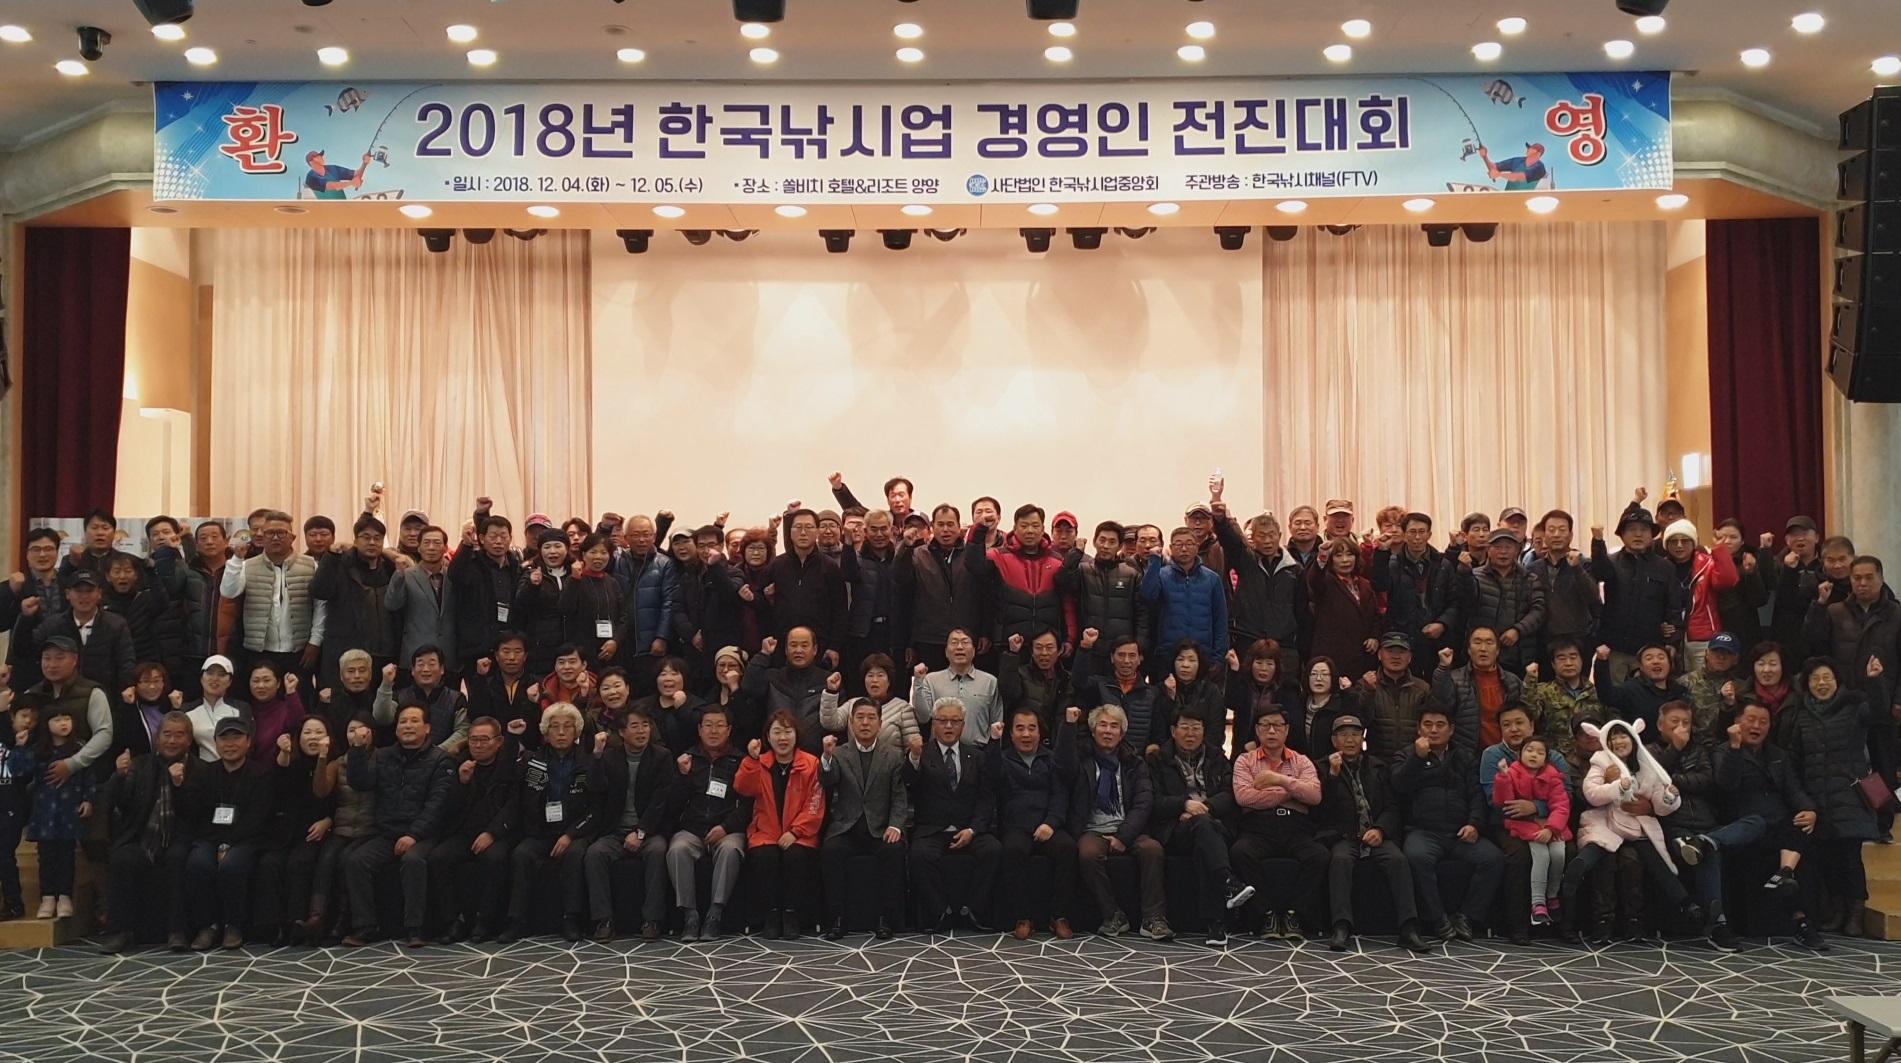 """'2018 한국낚시업 경영인 전진대회' 개최...""""낚시산업 발전 밑거름 다함께 노력"""""""